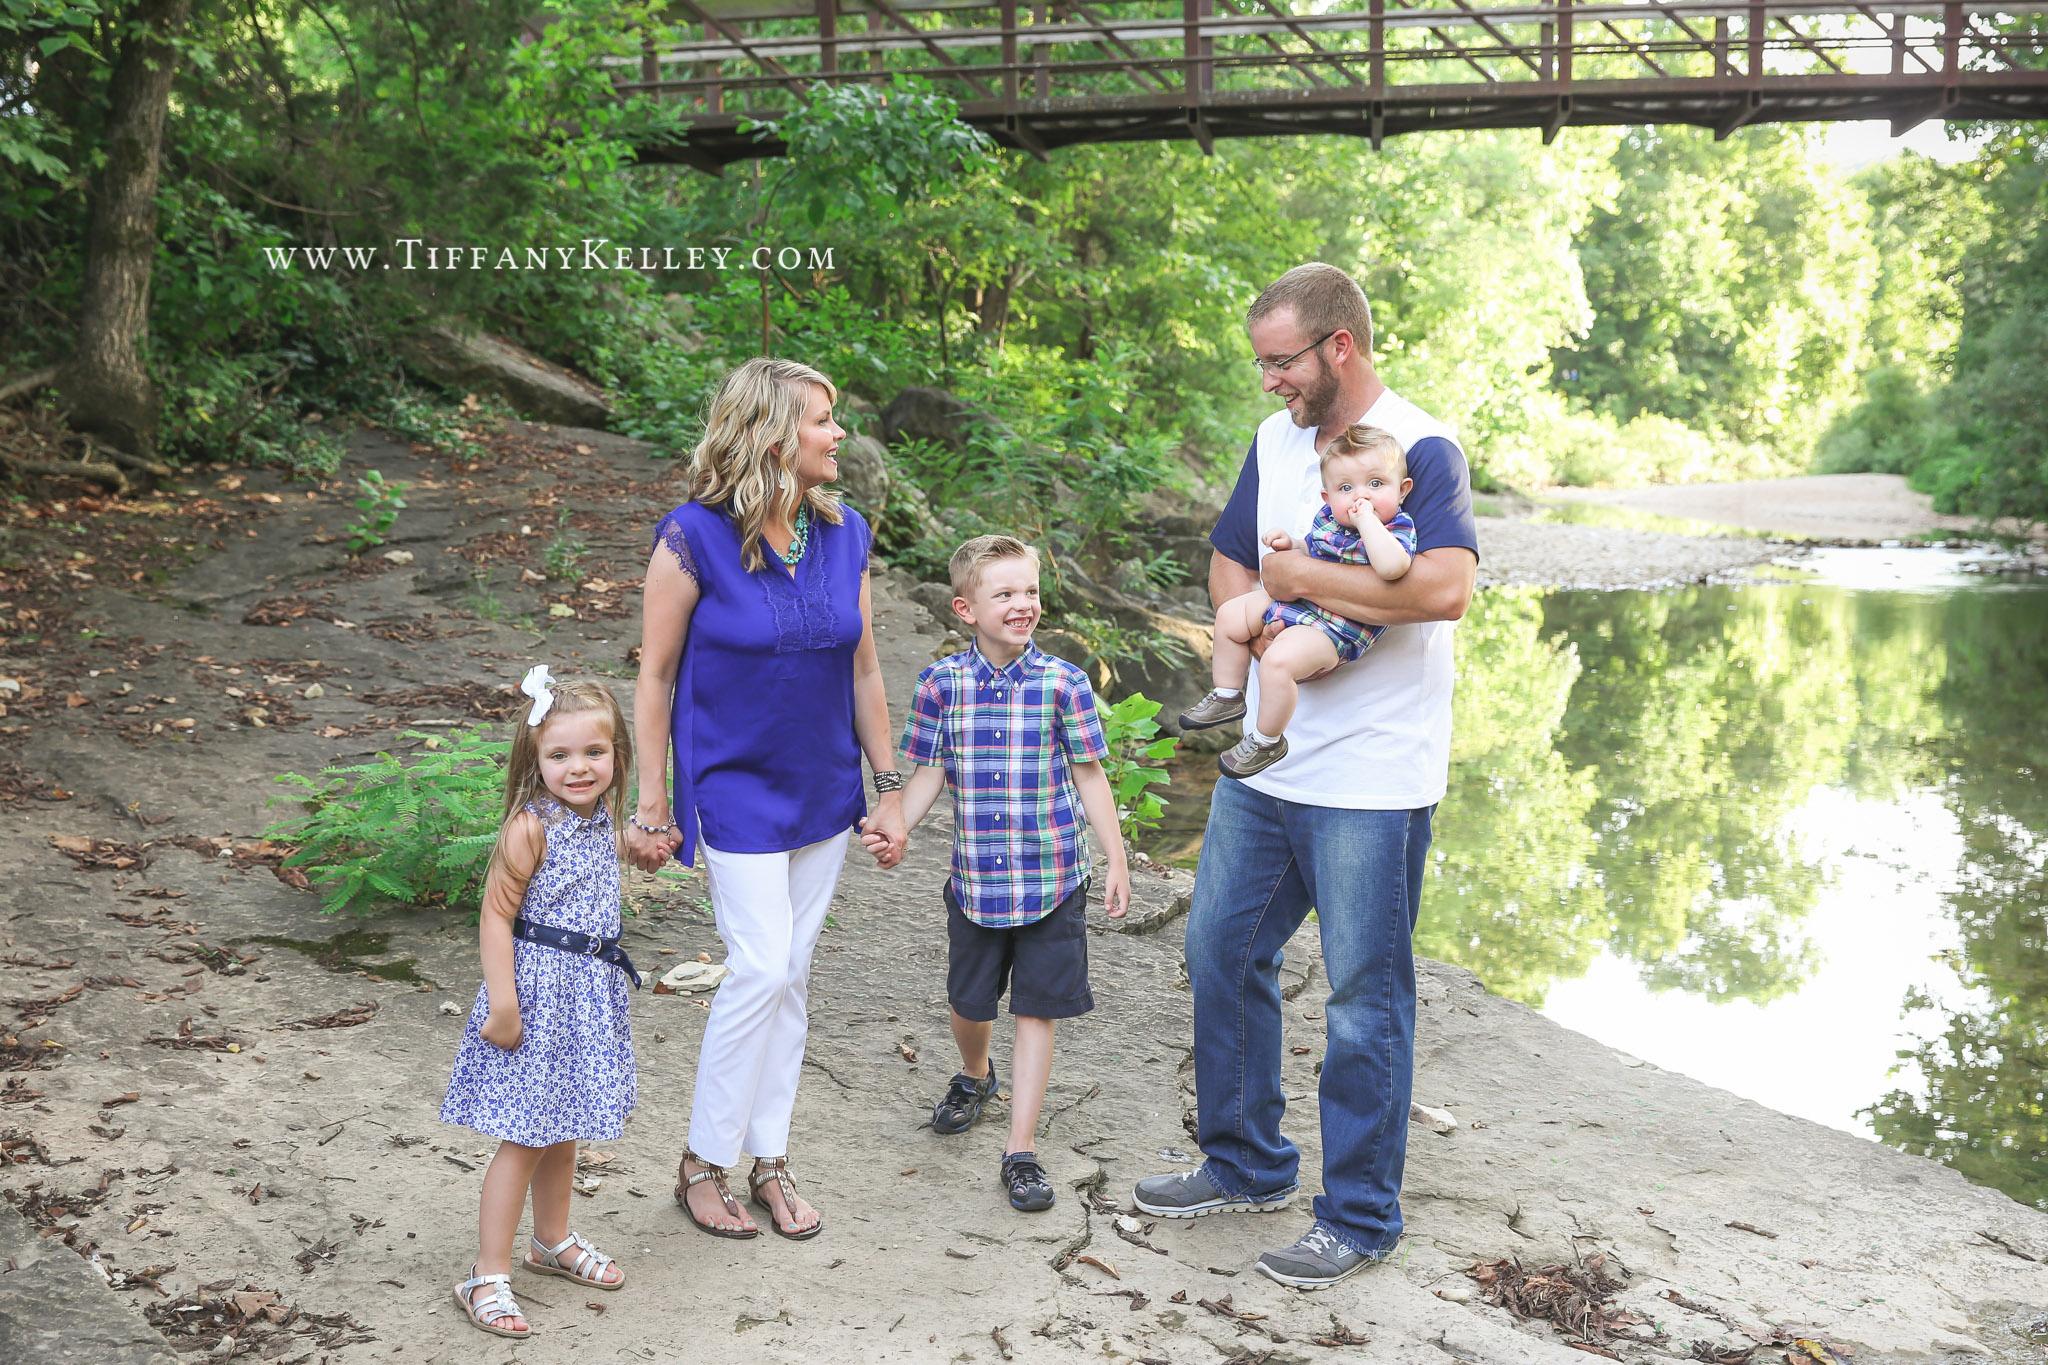 02 Branson MO Family Photographer - Tiffany Kelley Photography